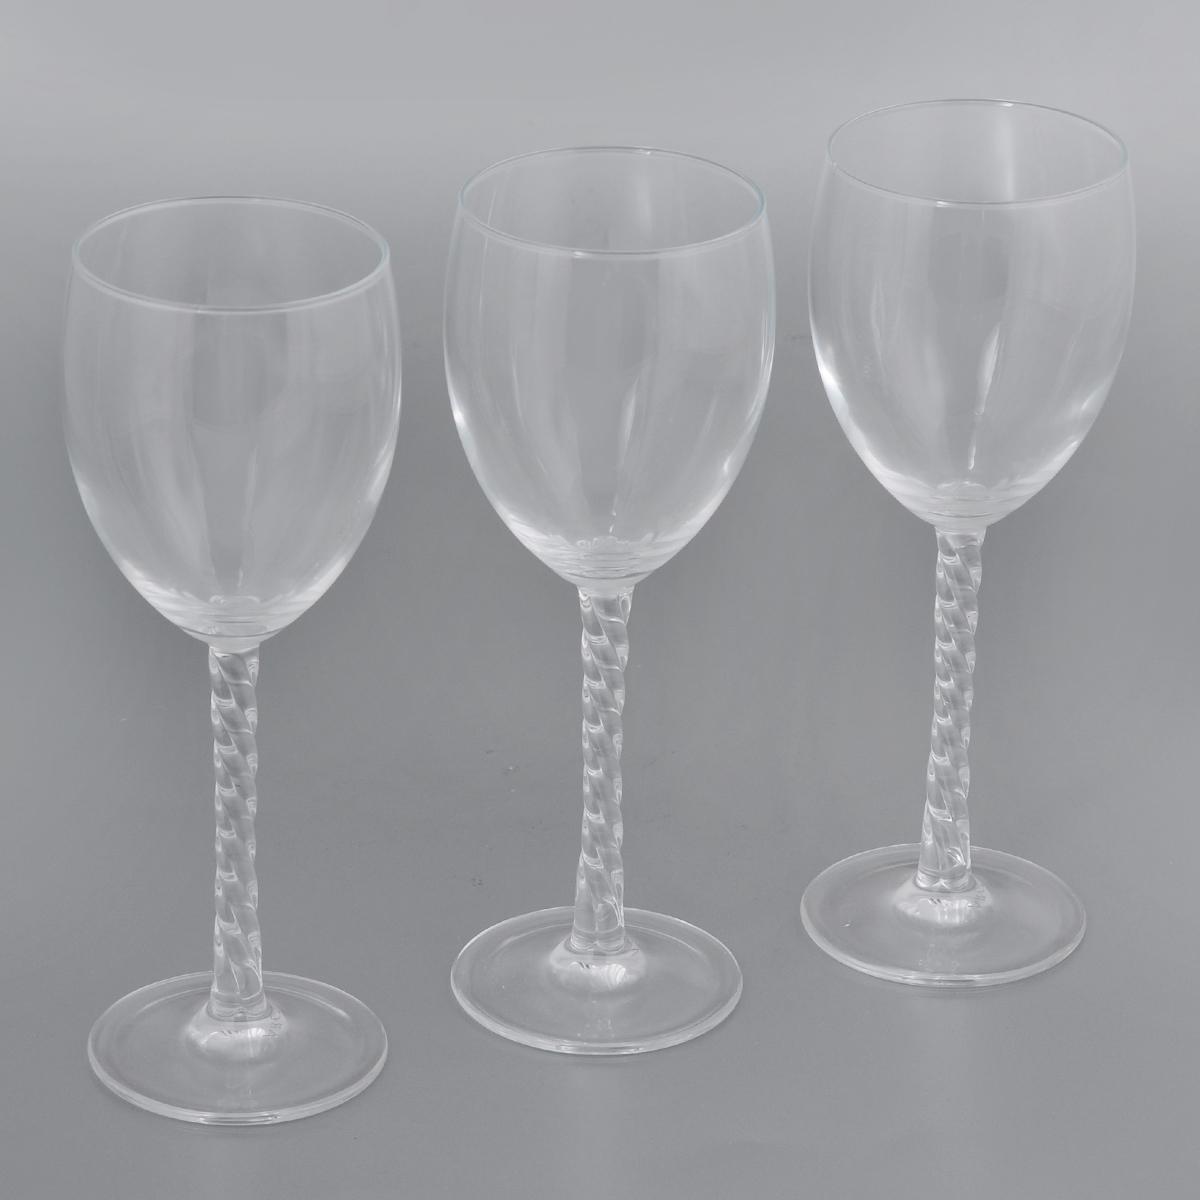 Набор фужеров Luminarc Authentic Clear, 250 мл, 3 штVT-1520(SR)Набор Luminarc Authentic Clear состоит из трех фужеров, выполненных из прочного стекла. Изделия оснащены высокими рельефными ножками и предназначены для подачи вина. Они сочетают в себе элегантный дизайн и функциональность. Благодаря такому набору пить напитки будет еще вкуснее.Набор фужеров Luminarc Authentic Clear прекрасно оформит праздничный стол и создаст приятную атмосферу за романтическим ужином. Такой набор также станет хорошим подарком к любому случаю. Можно мыть в посудомоечной машине.Диаметр фужера (по верхнему краю): 7 см. Высота фужера: 20 см.